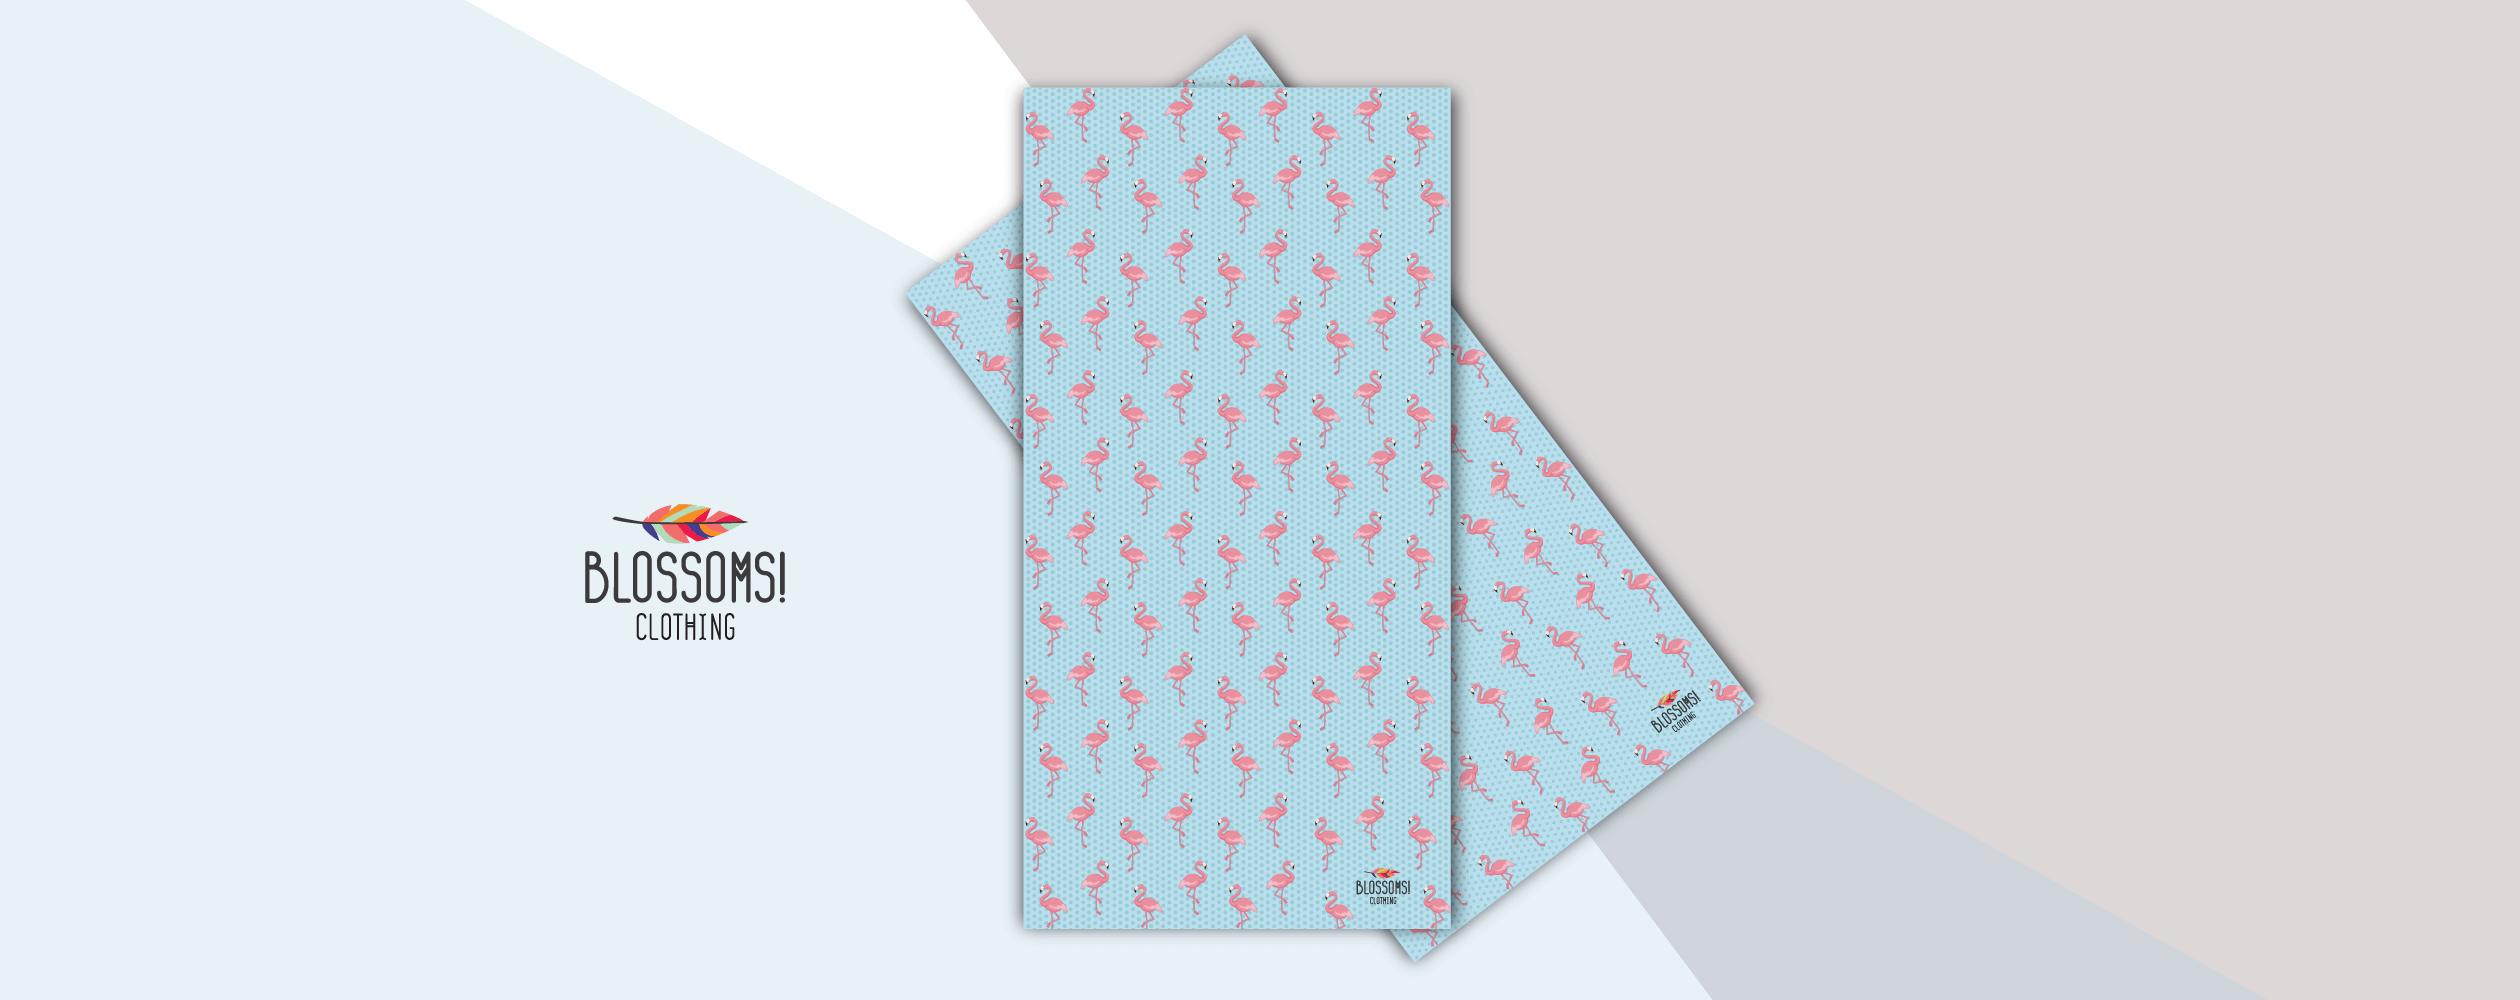 blossoms flamingo-01